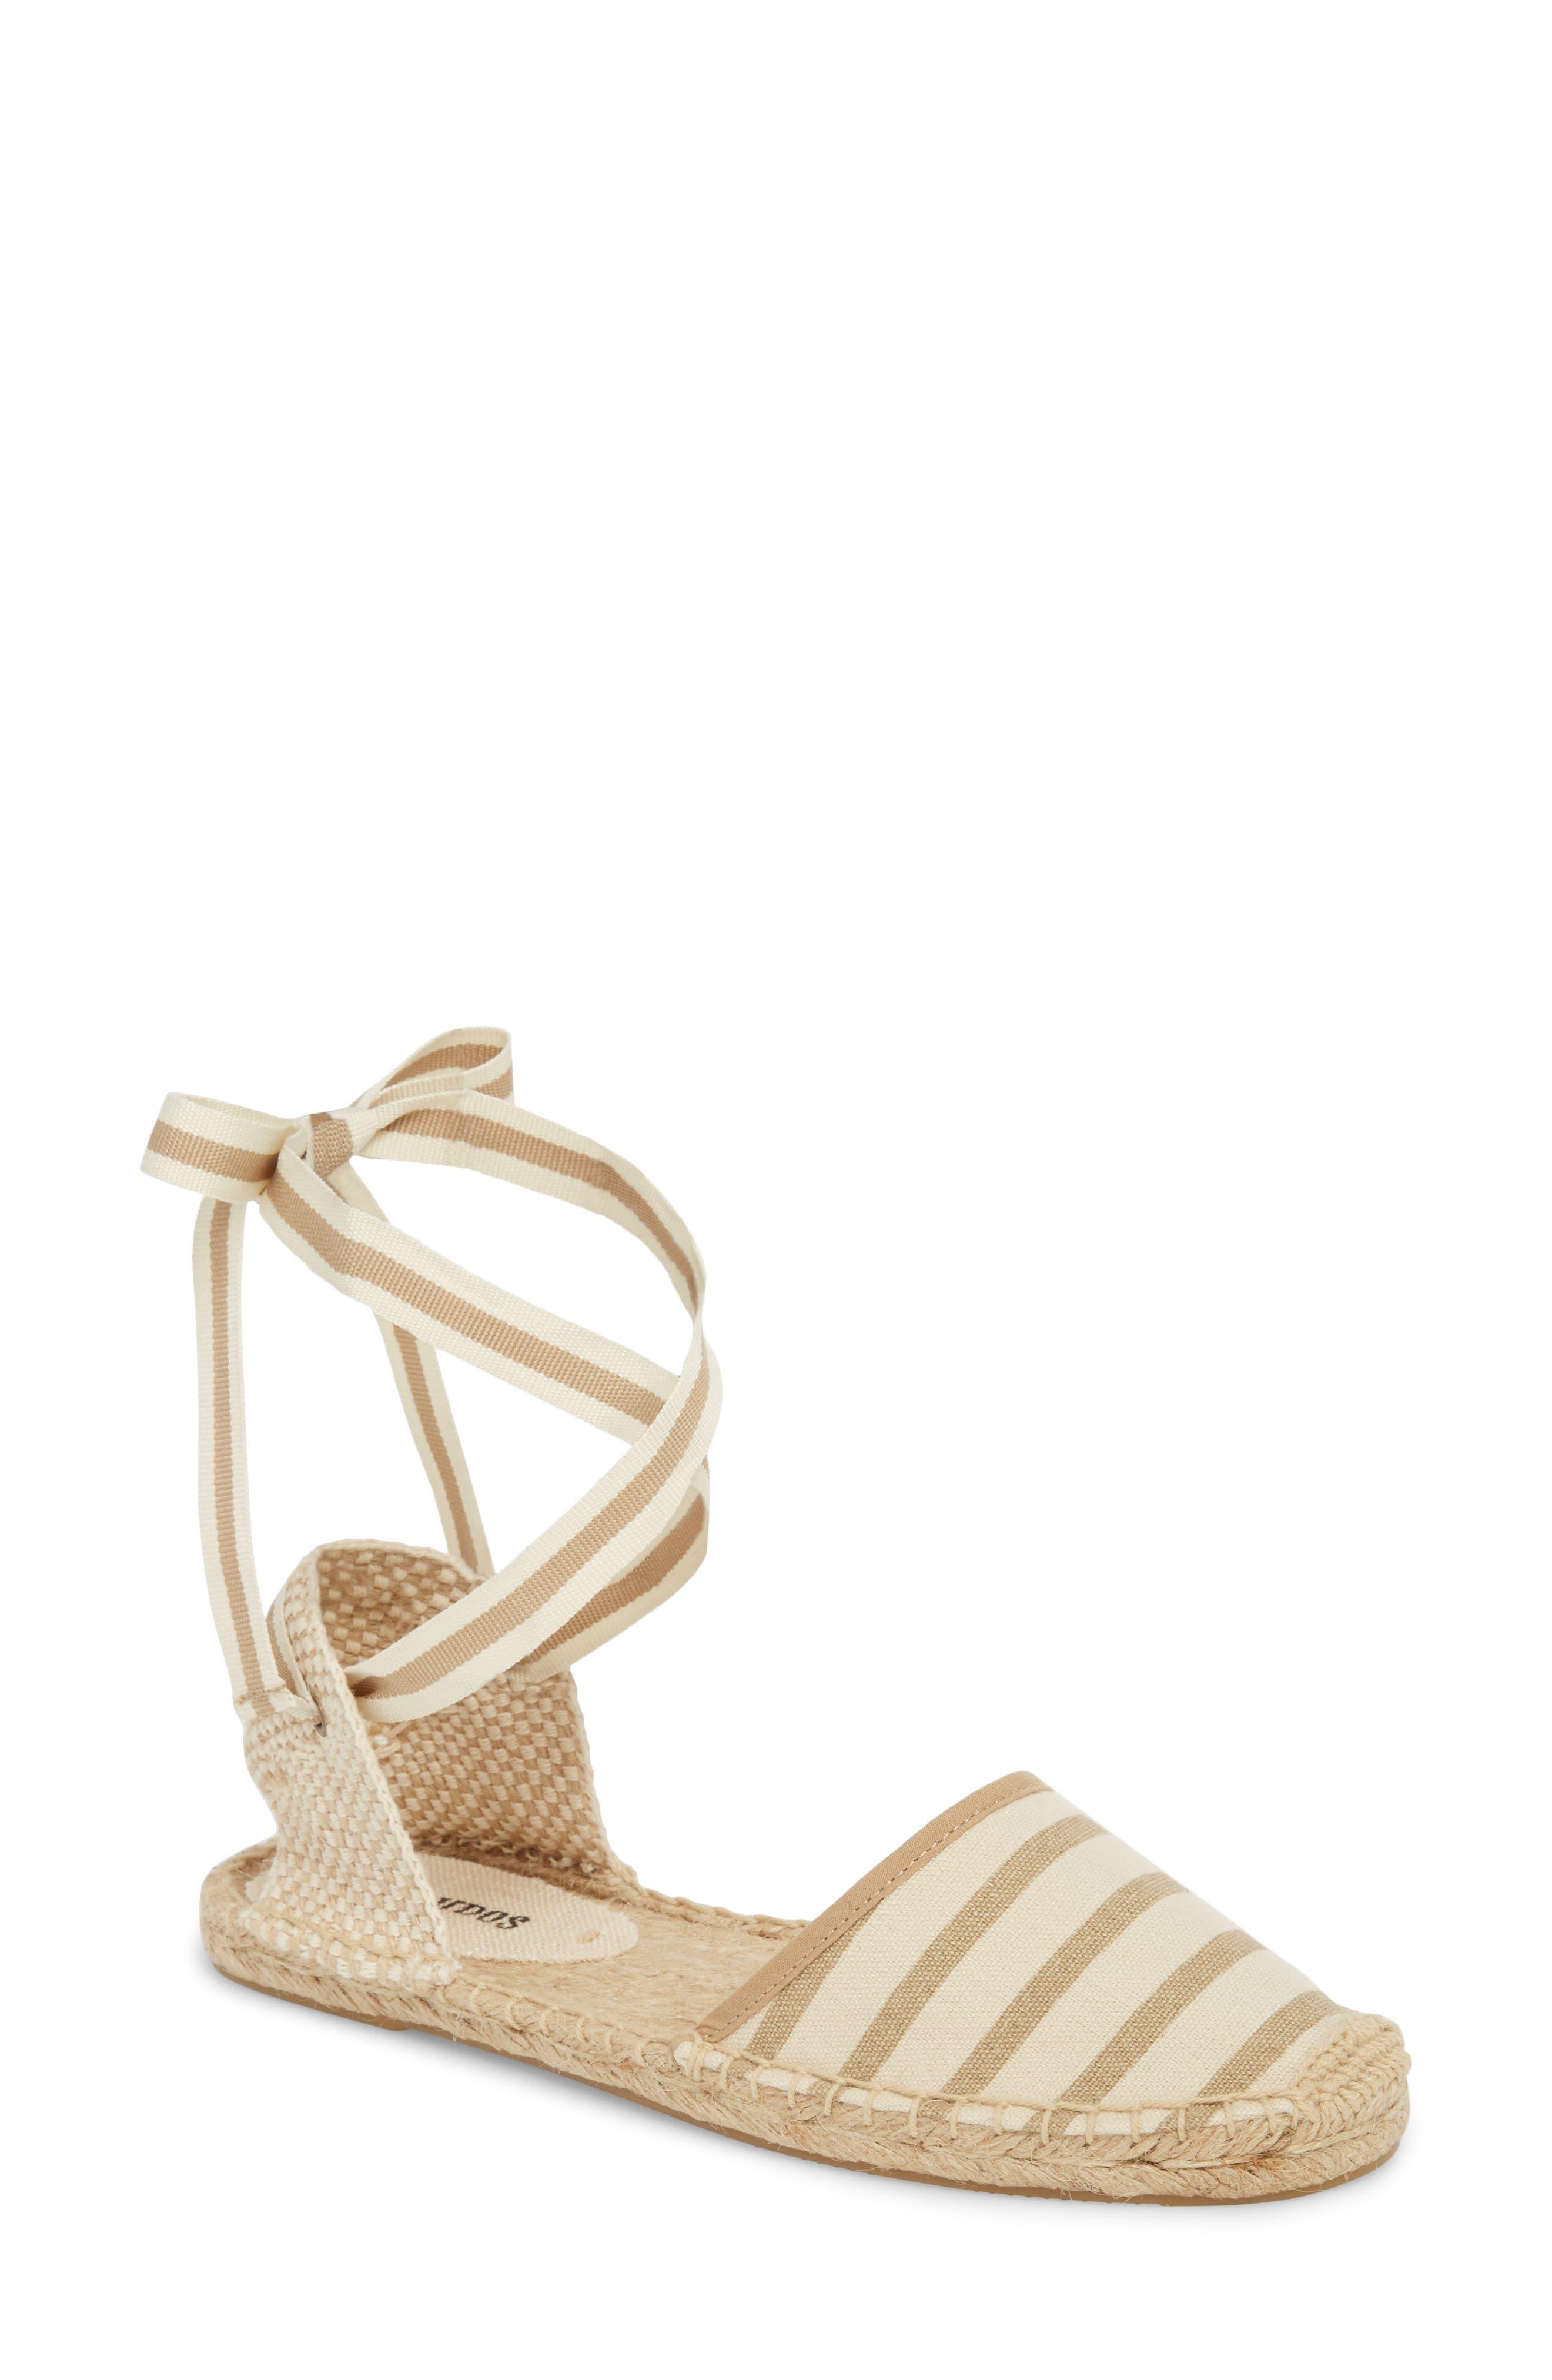 Lace-Up Espadrille Sandal,                         Main,                         color, Natural/ Tan